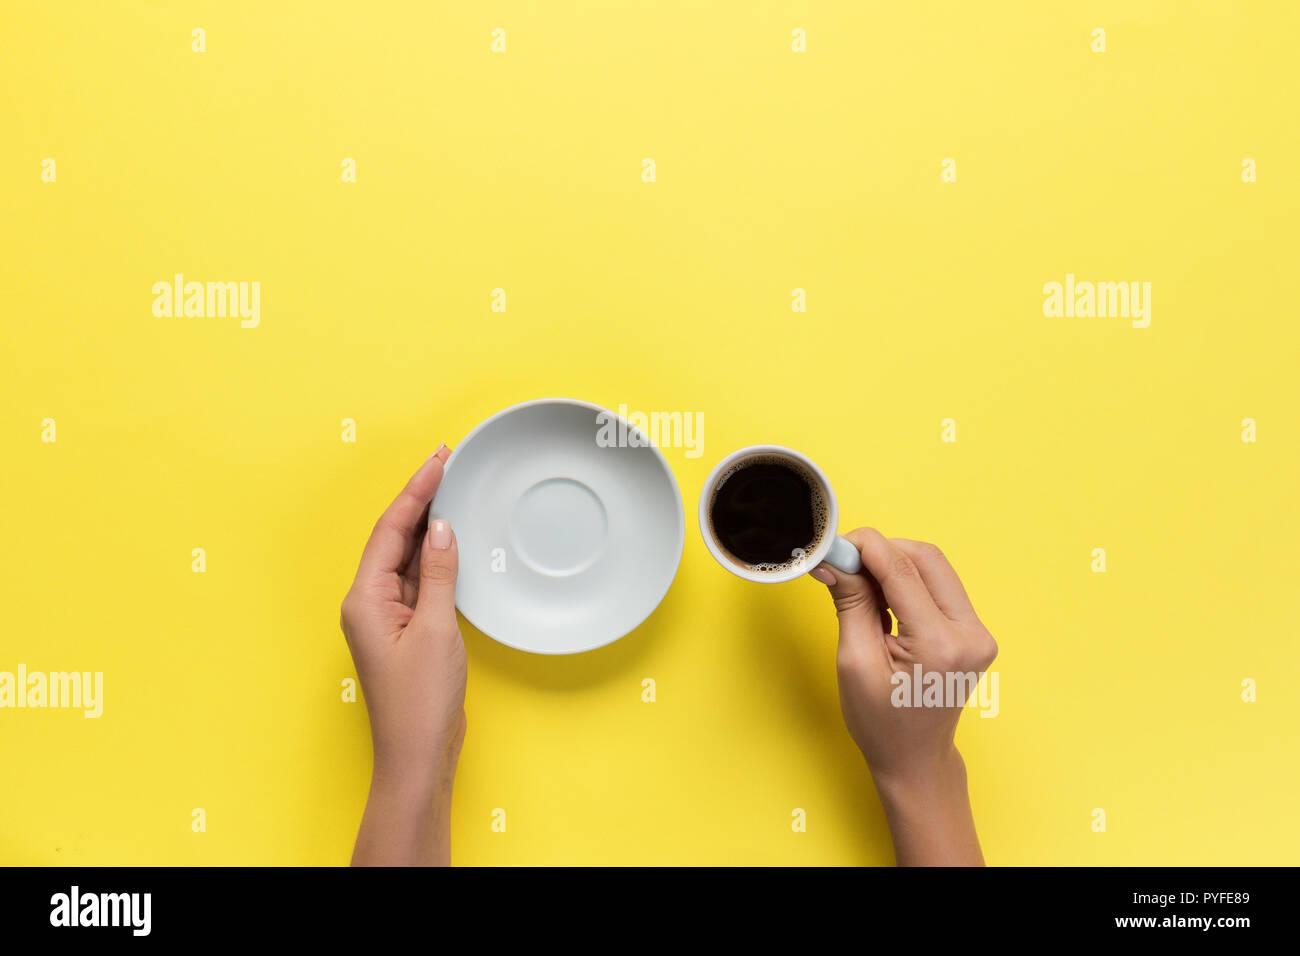 Elevato angolo di donna mani tazza da caffè su sfondo giallo stile minimalista. Appartamento laico, vista dall'alto isolato. Immagini Stock